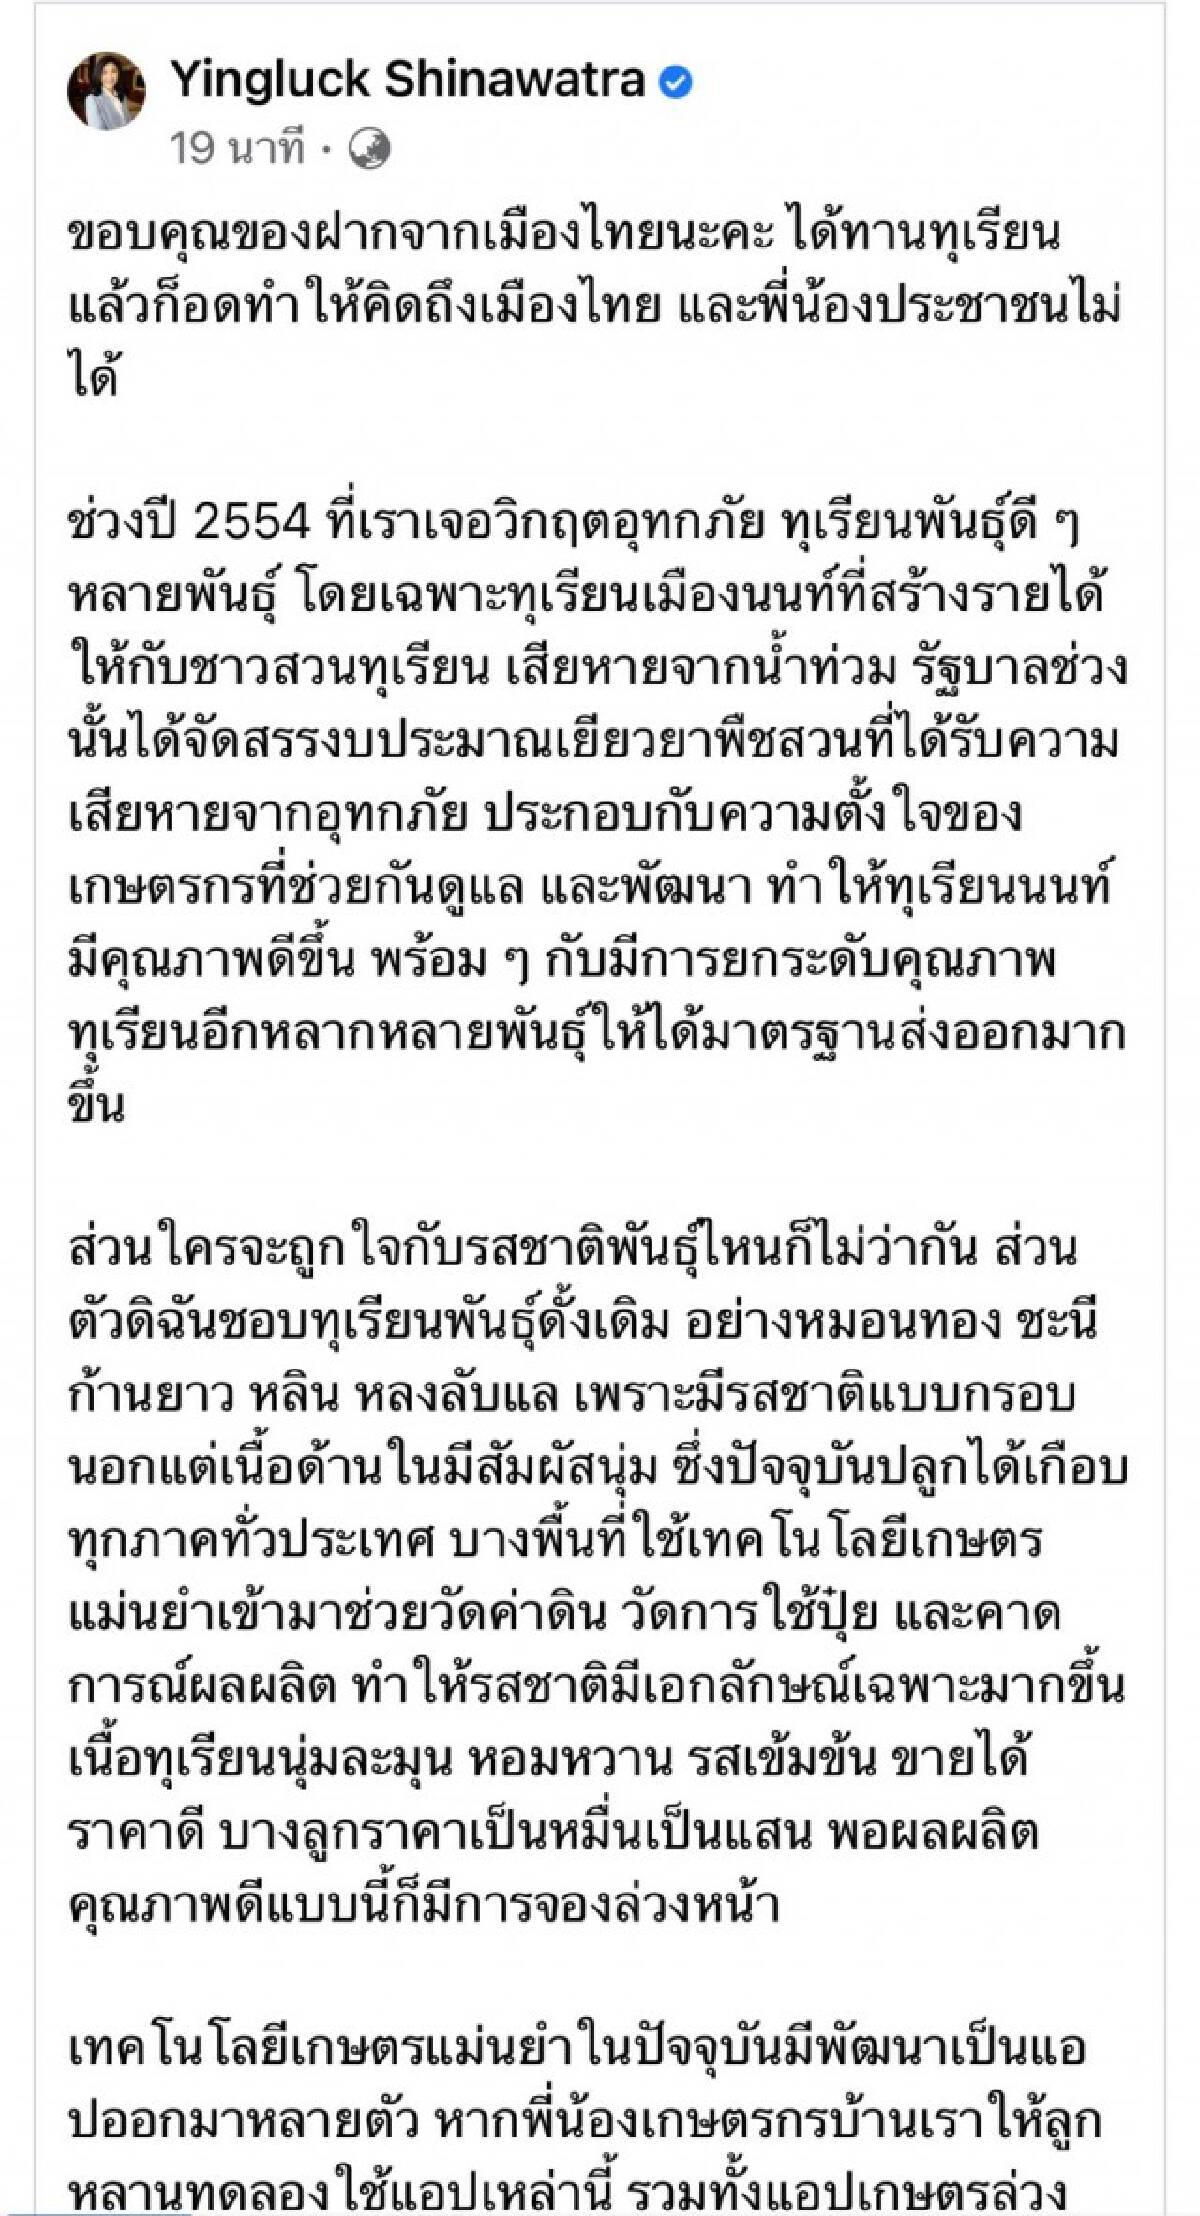 ยิ่งลักษณ์ ขอบคุณของฝากจากเมืองไทย รำลึก เหตุน้ำท่วม 2554 ทำสวนทุเรียนนนท์เสียหาย เยียวยาจนฟื้น